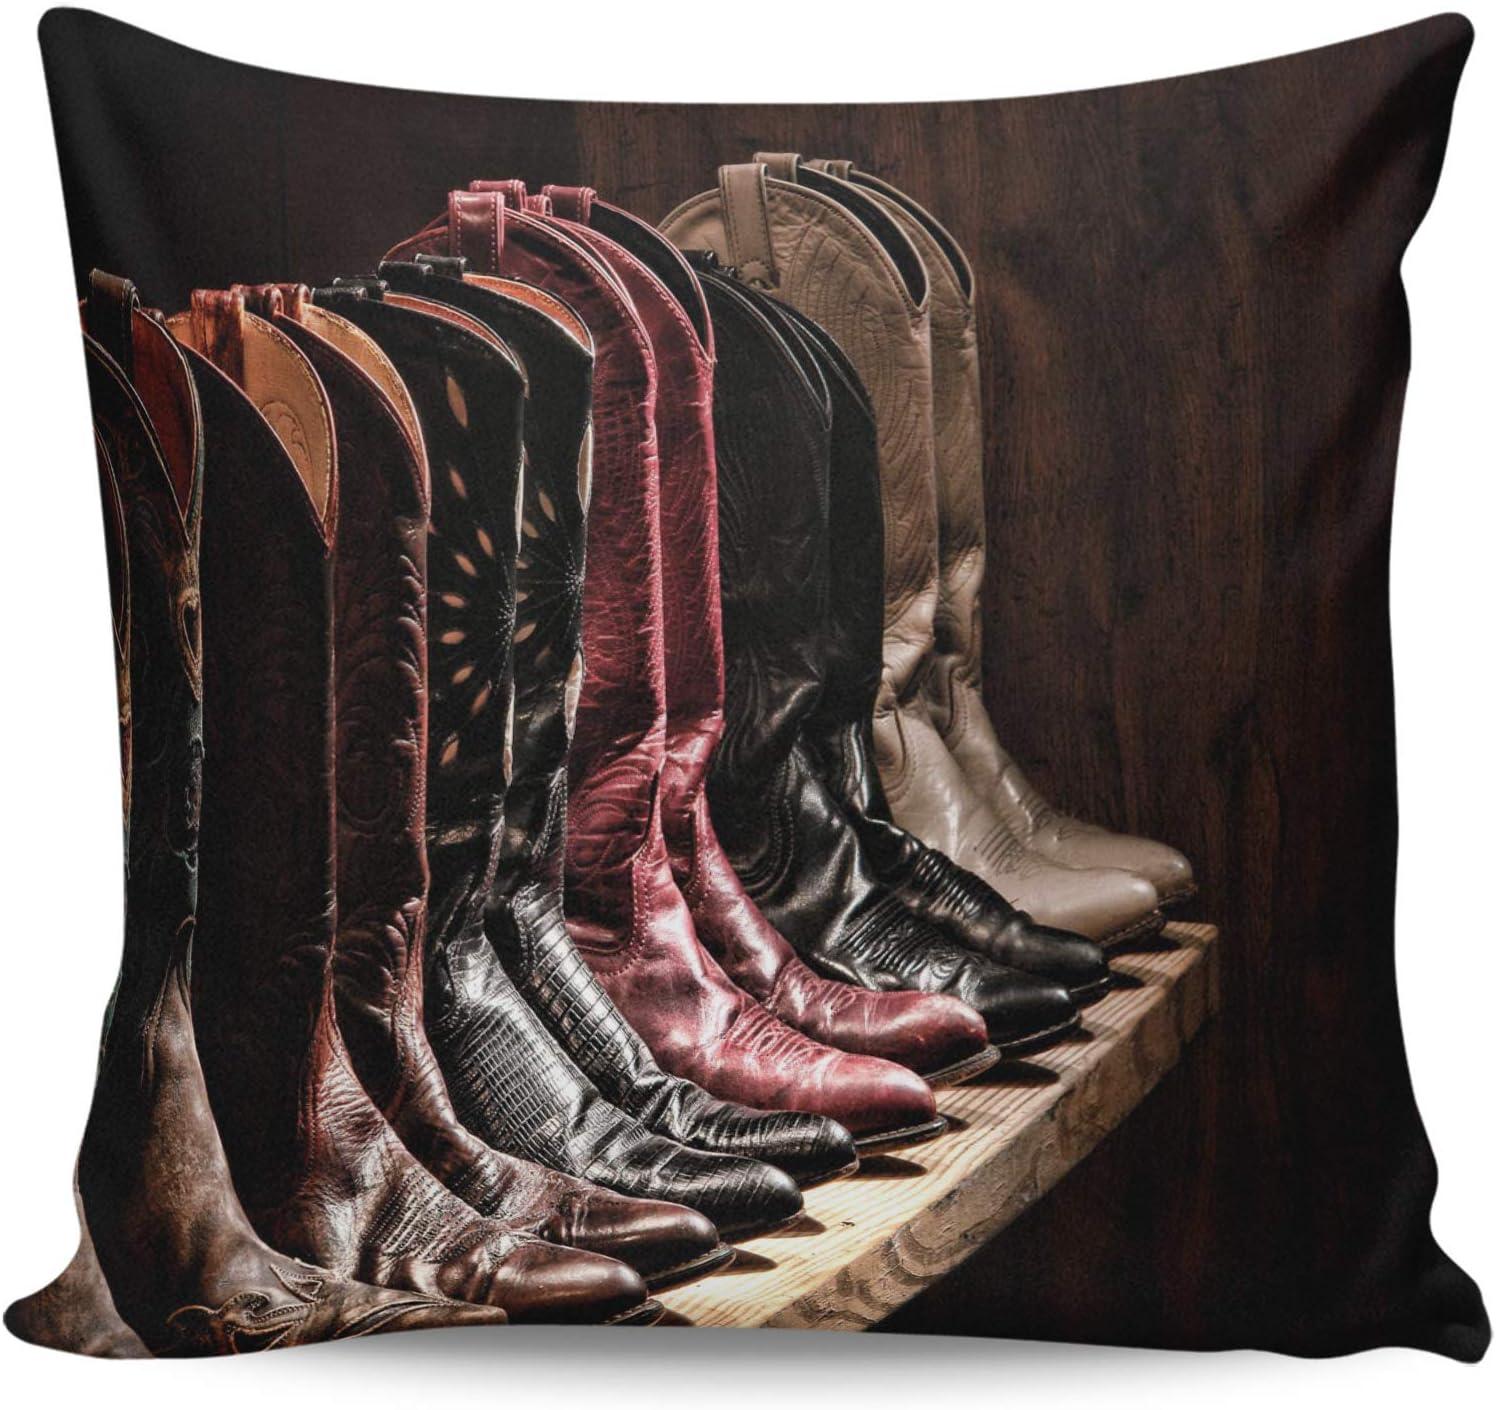 Winter Rangers Fundas de almohada decorativas, botas de piel de vaquero vintage con punta de botas de almohada ultra suave, funda de cojín cuadrada cómoda para sofá dormitorio, 61 x 60 cm